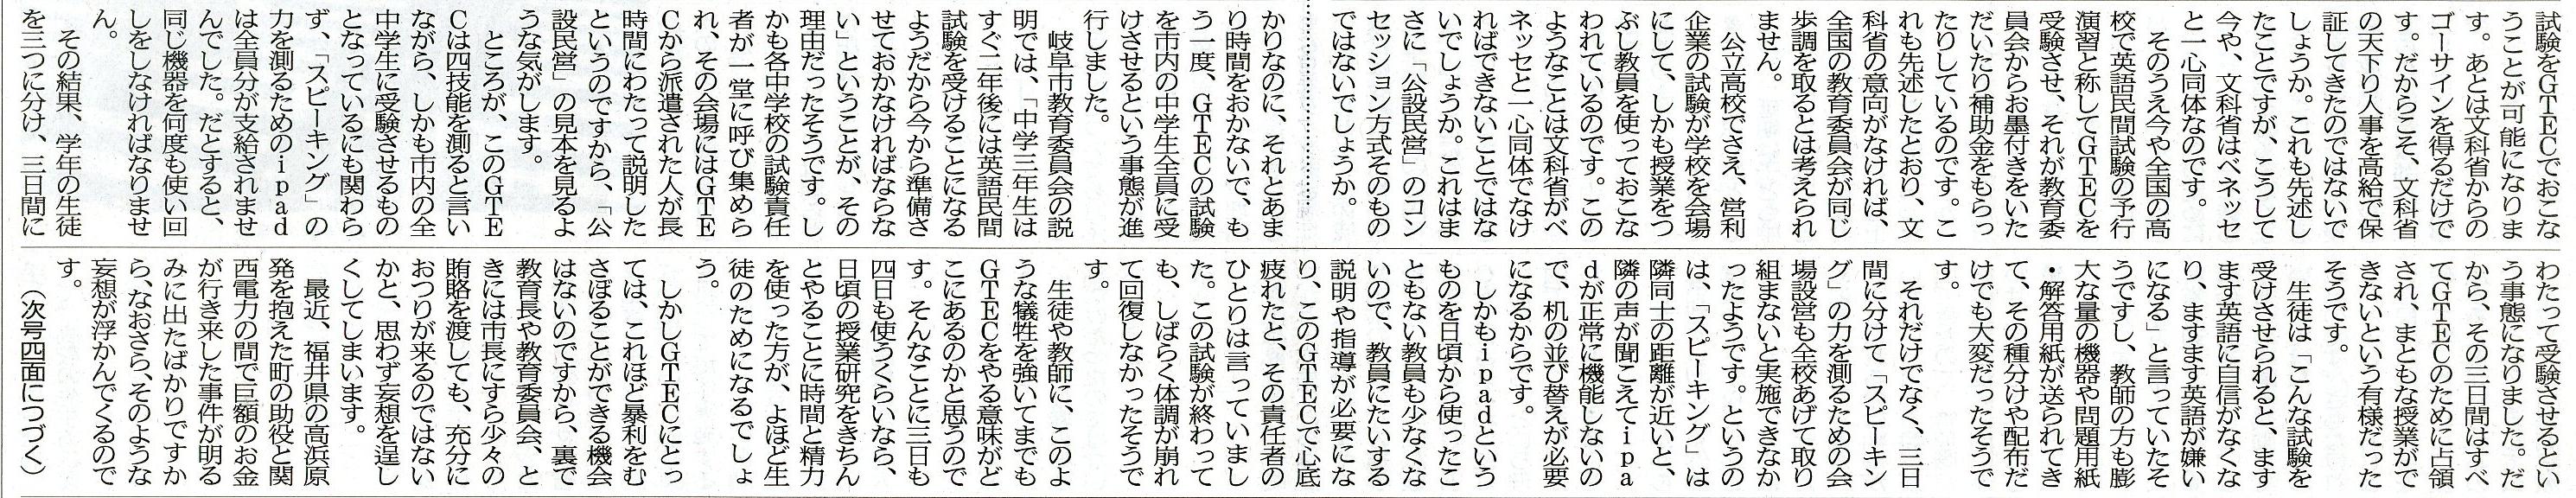 長周新聞20191122寺島隆吉「大学入試を食い物にしながら肥え太る教育産業」上、裏2